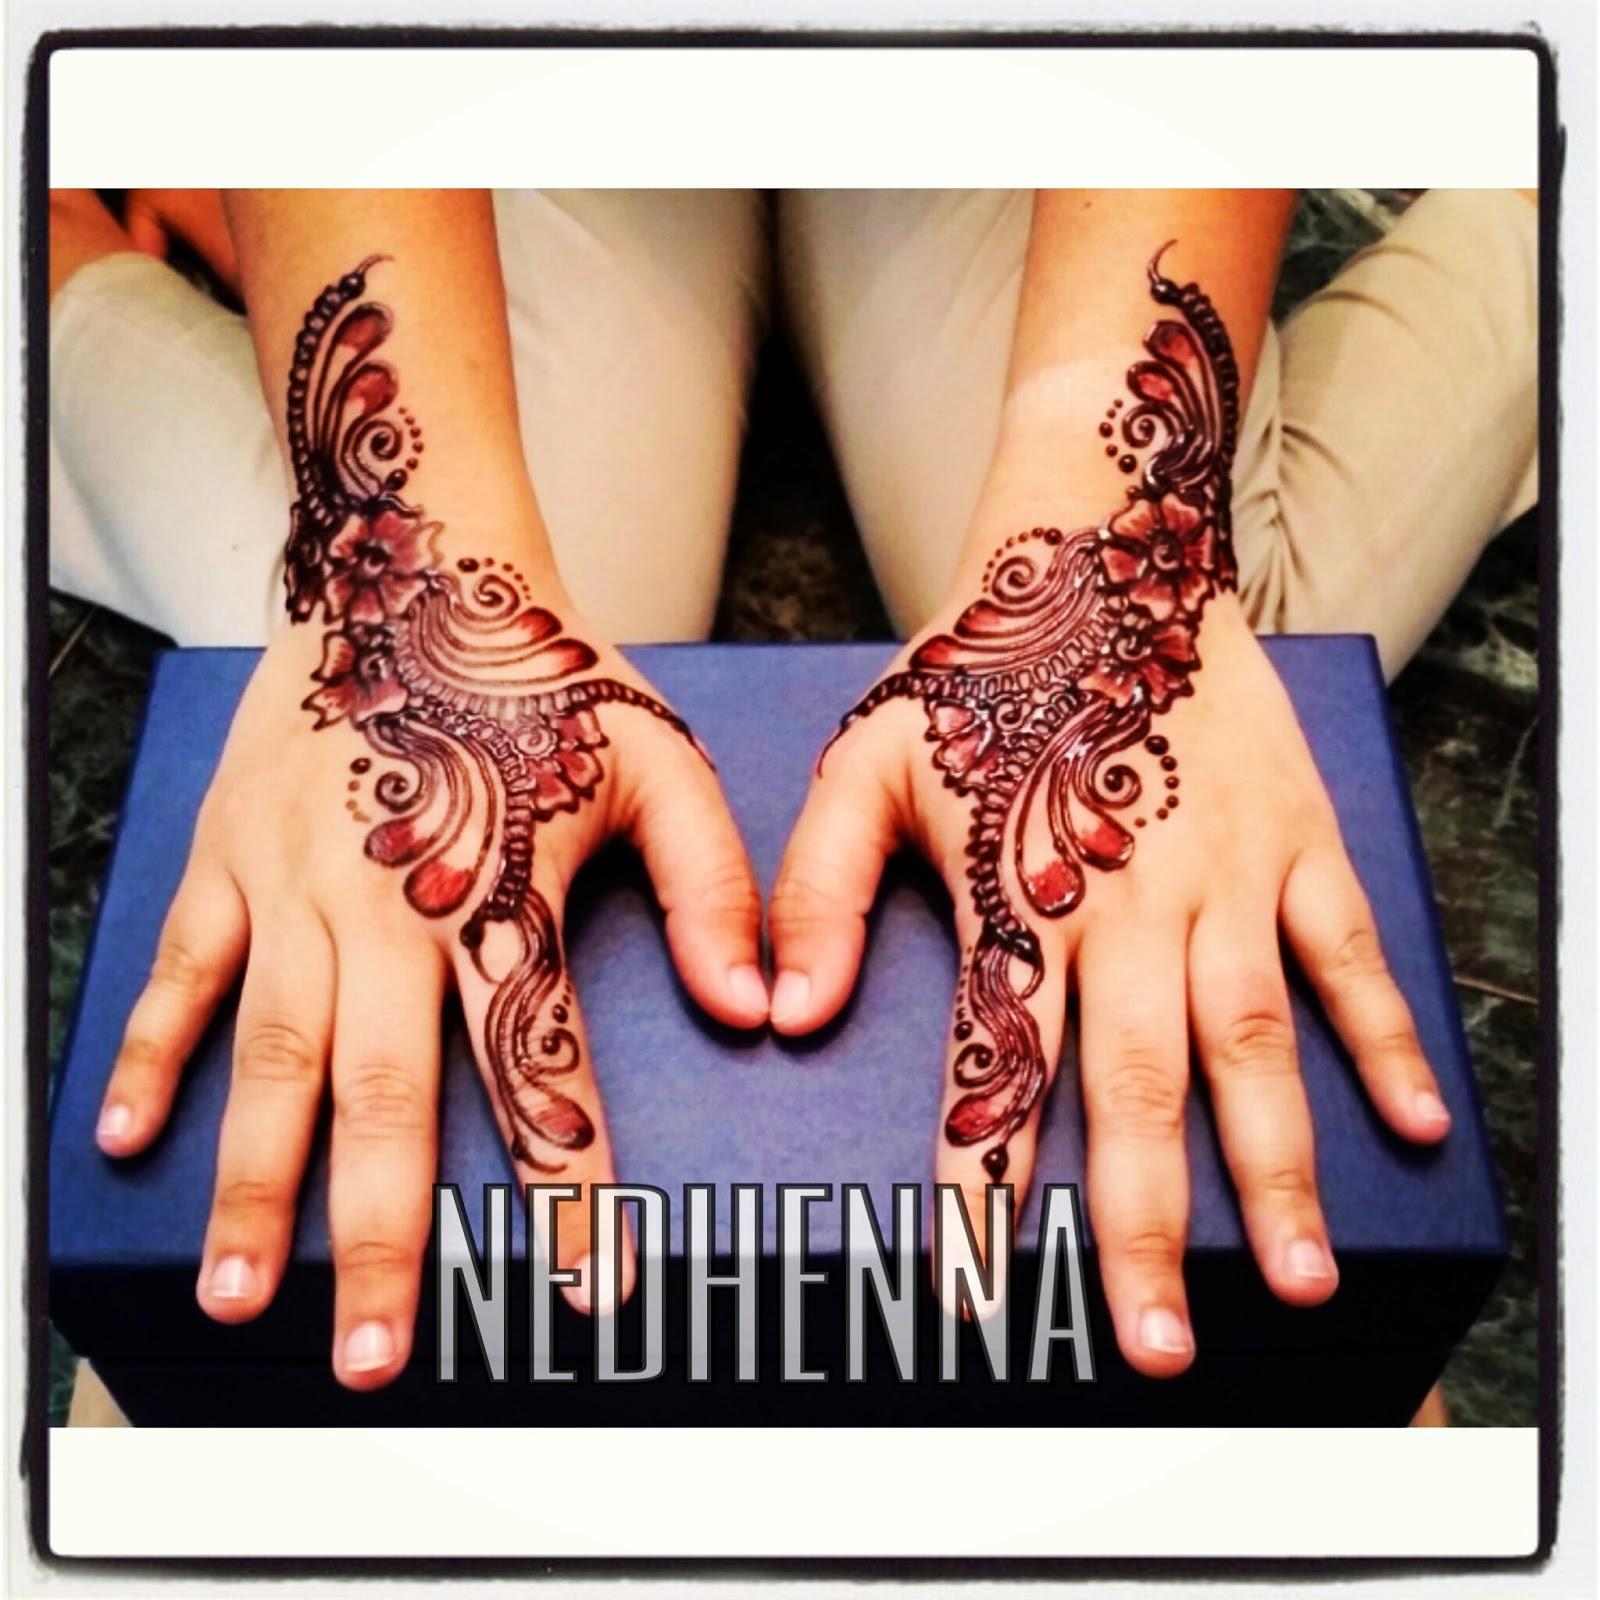 Ned Henna